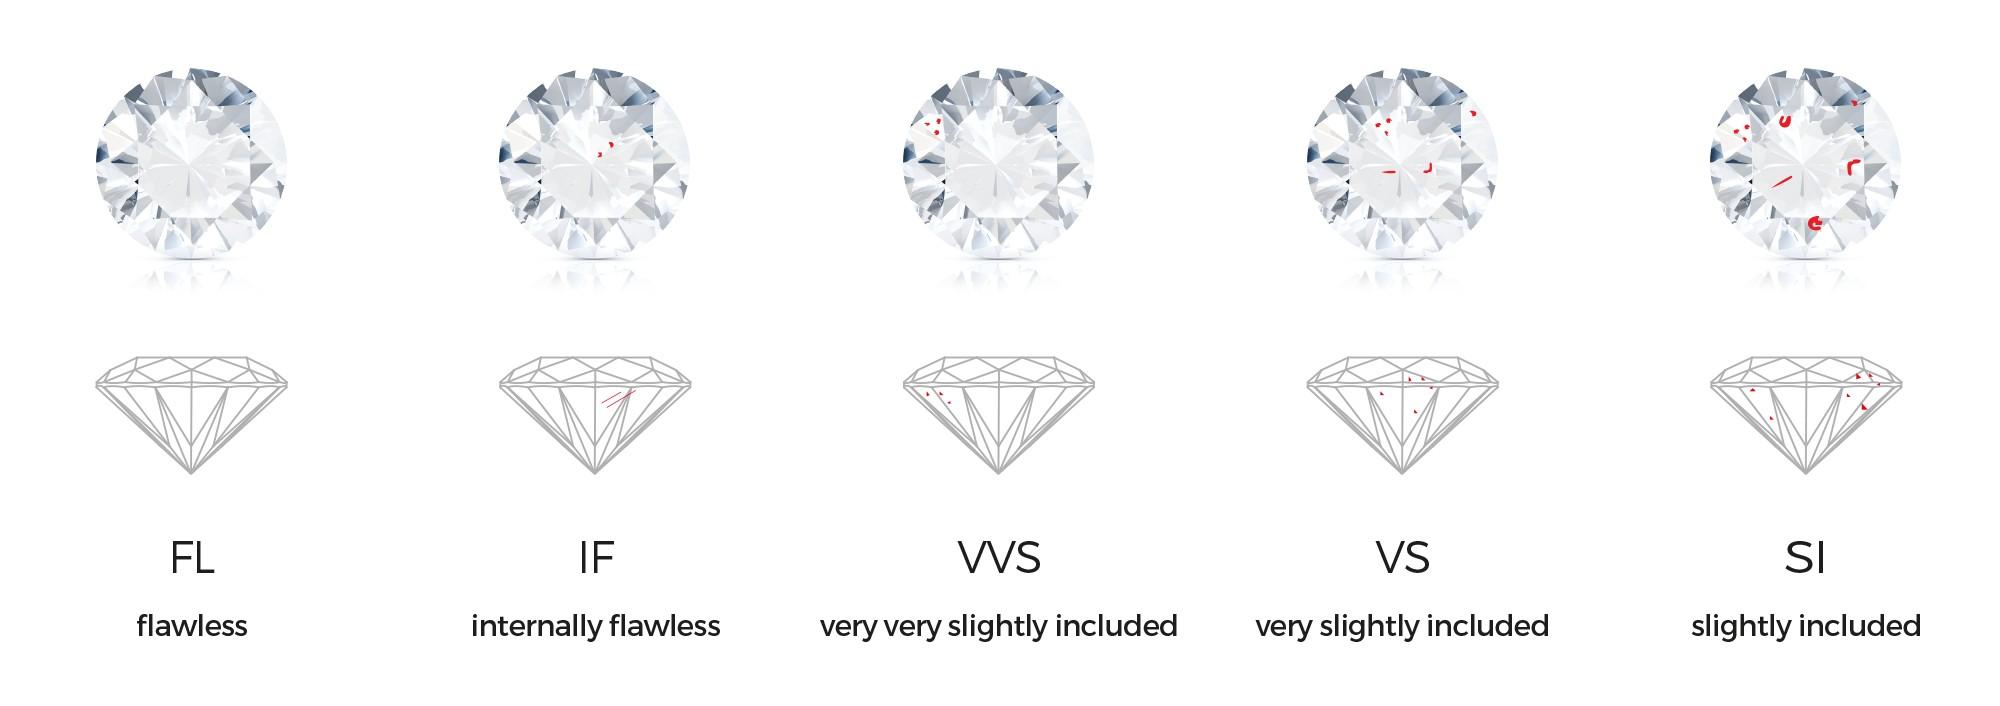 Jenis Kualitas Berlian pada Kalung Salib Berdasarkan Clarity-nya